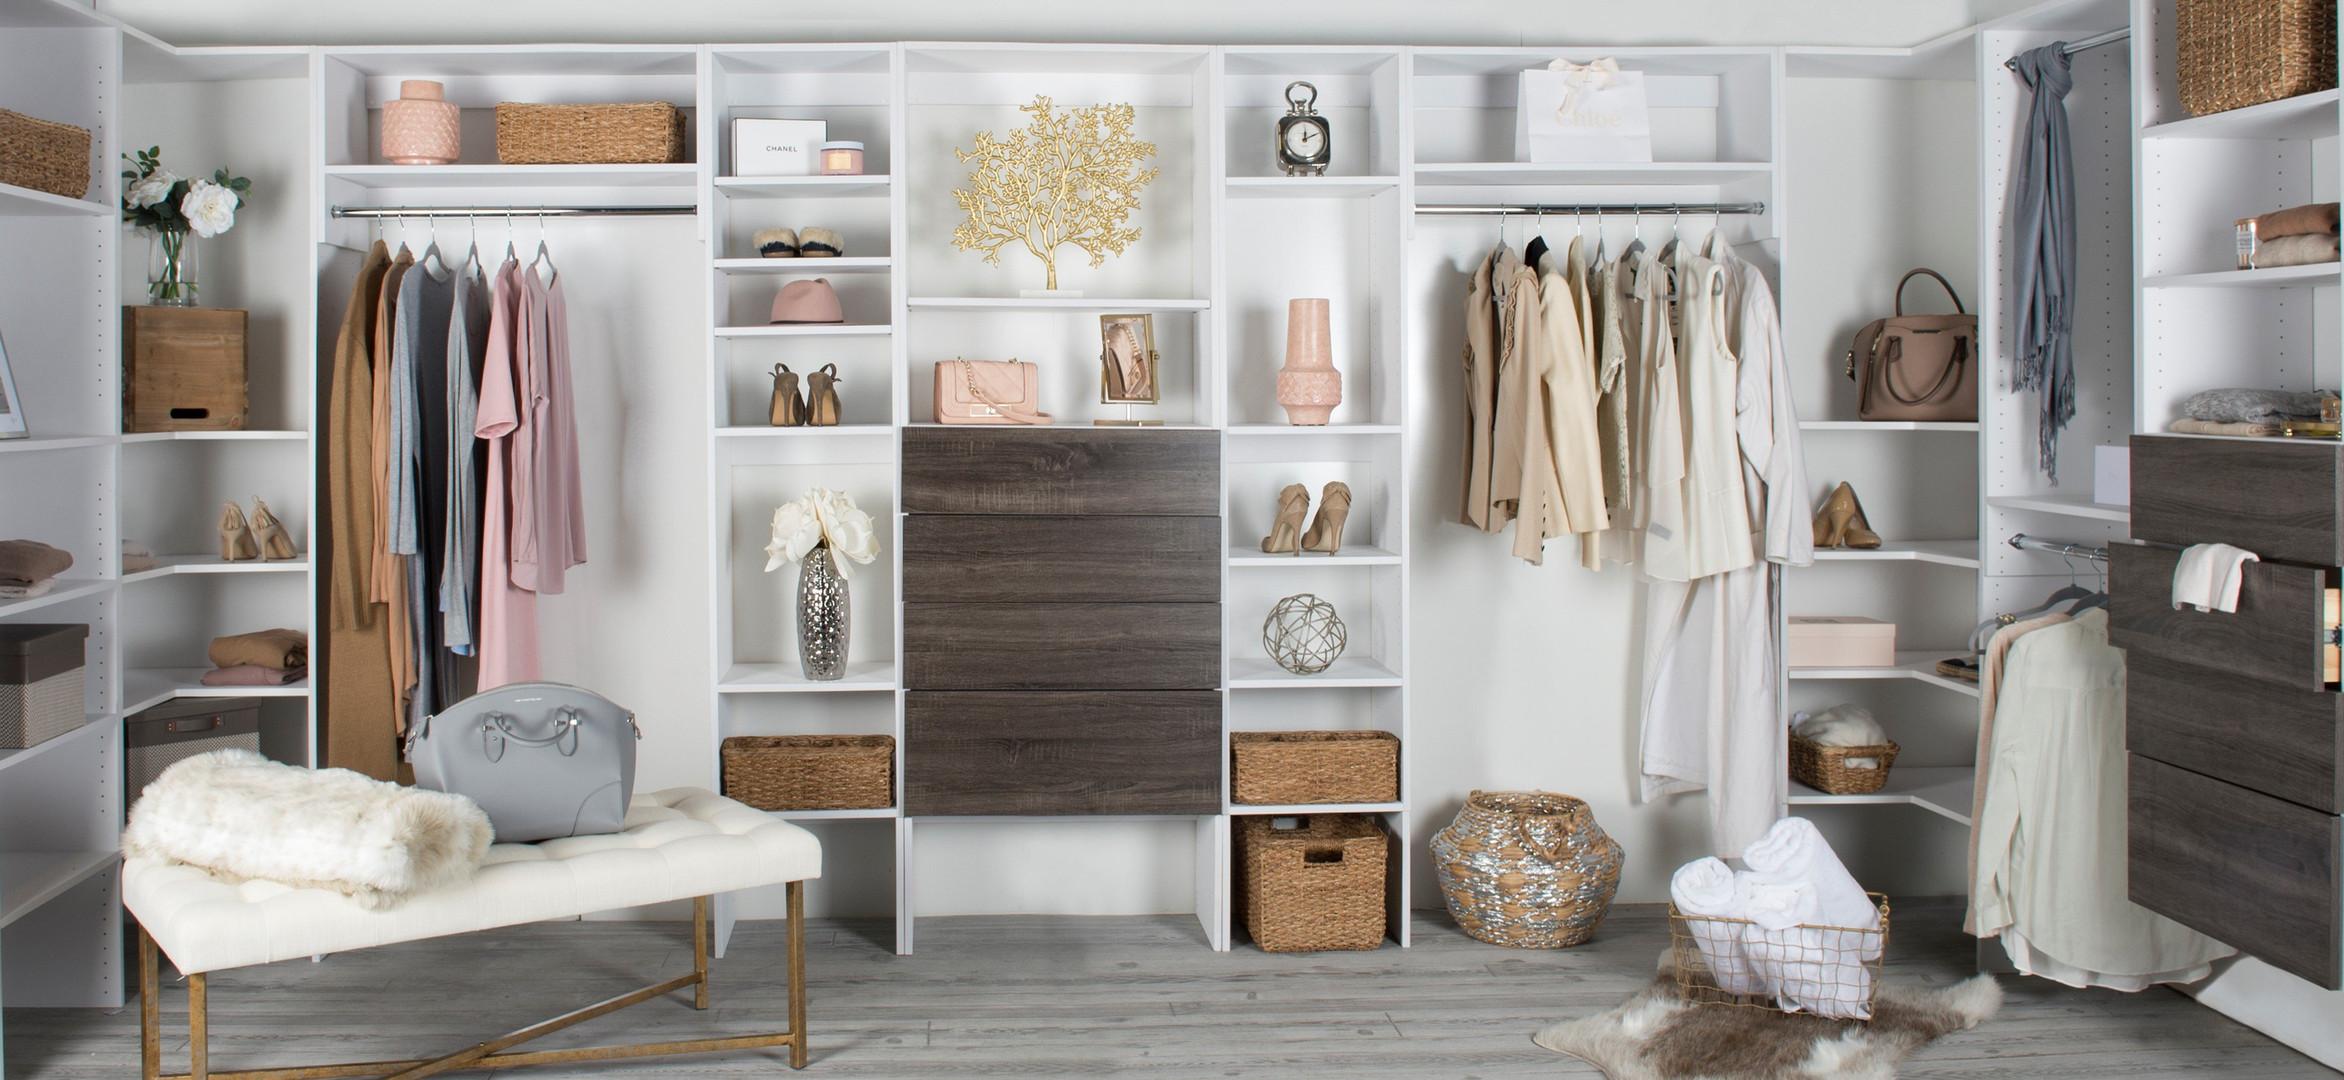 FAQ - Beautiful Closet